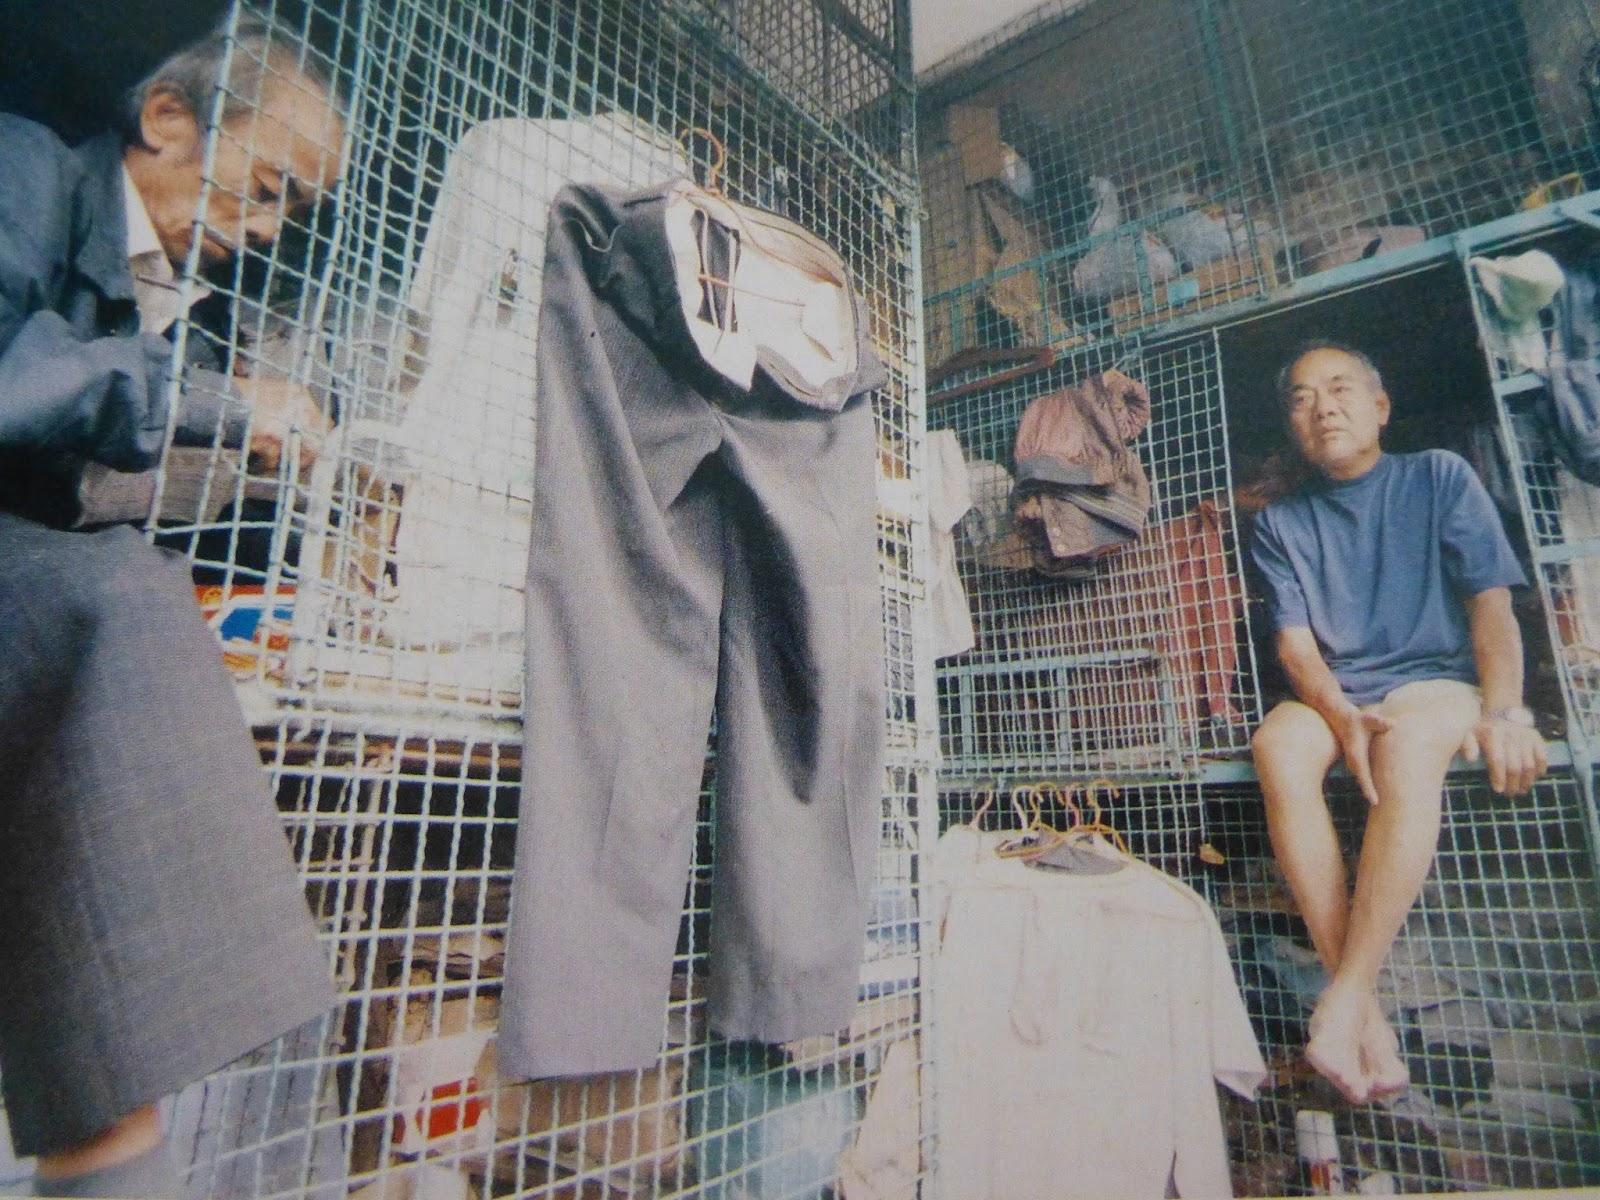 cath hk les hommes cages l 39 autre face de hk. Black Bedroom Furniture Sets. Home Design Ideas